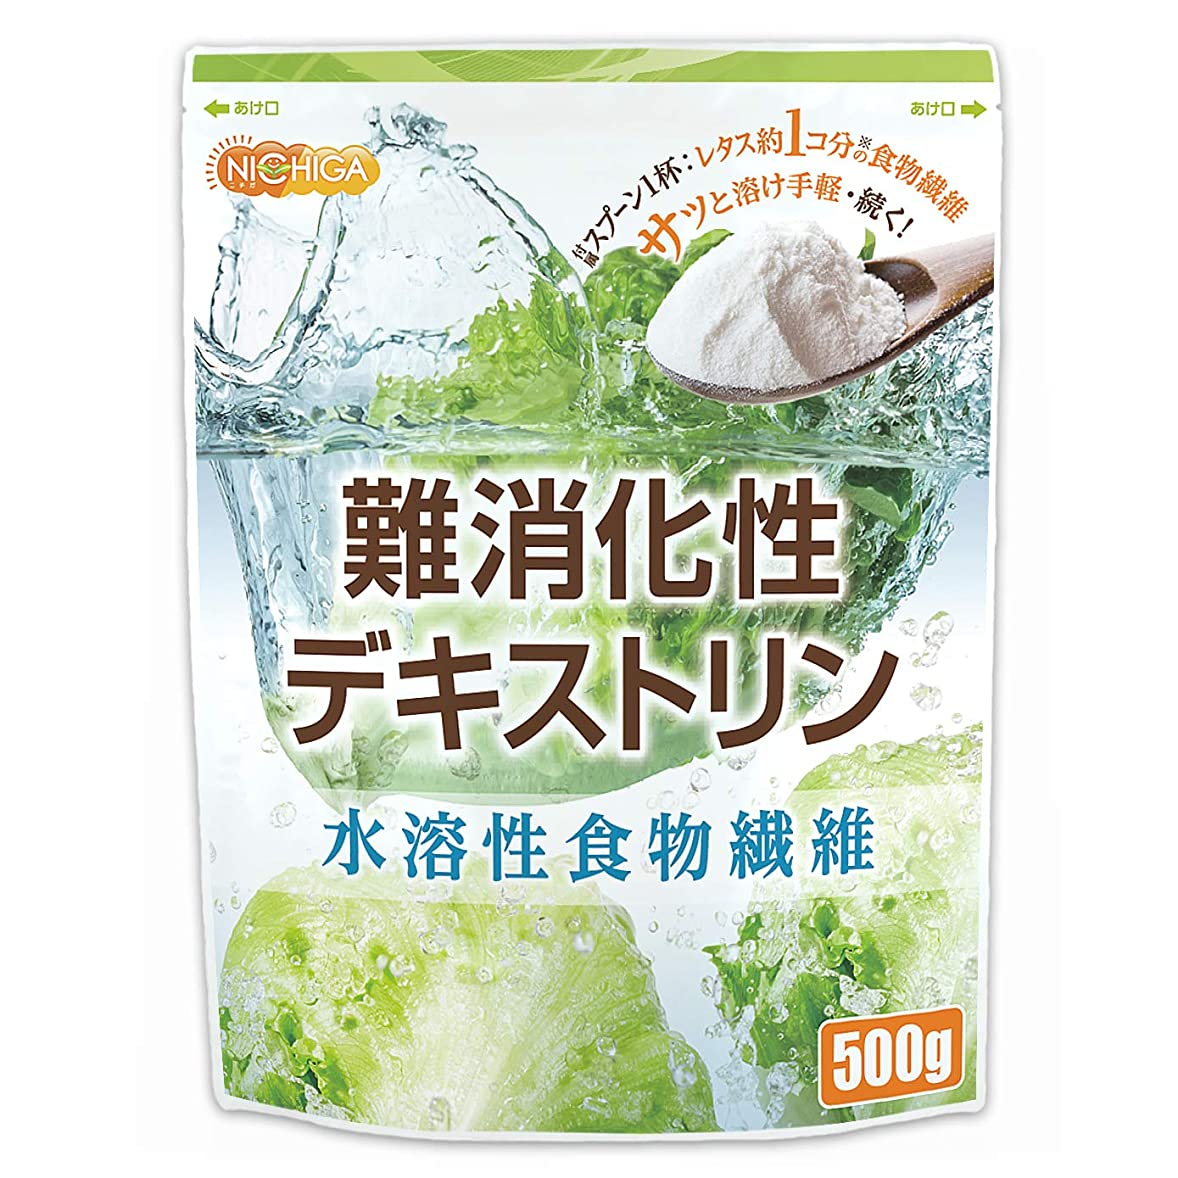 ページ教養がある市区町村難消化性デキストリン 500g 製品のリニューアル致しました 【甘味なし】水溶性食物繊維 [01] NICHIGA(ニチガ) 付属のスプーン1杯2.5gで、約レタス1個分の食物繊維